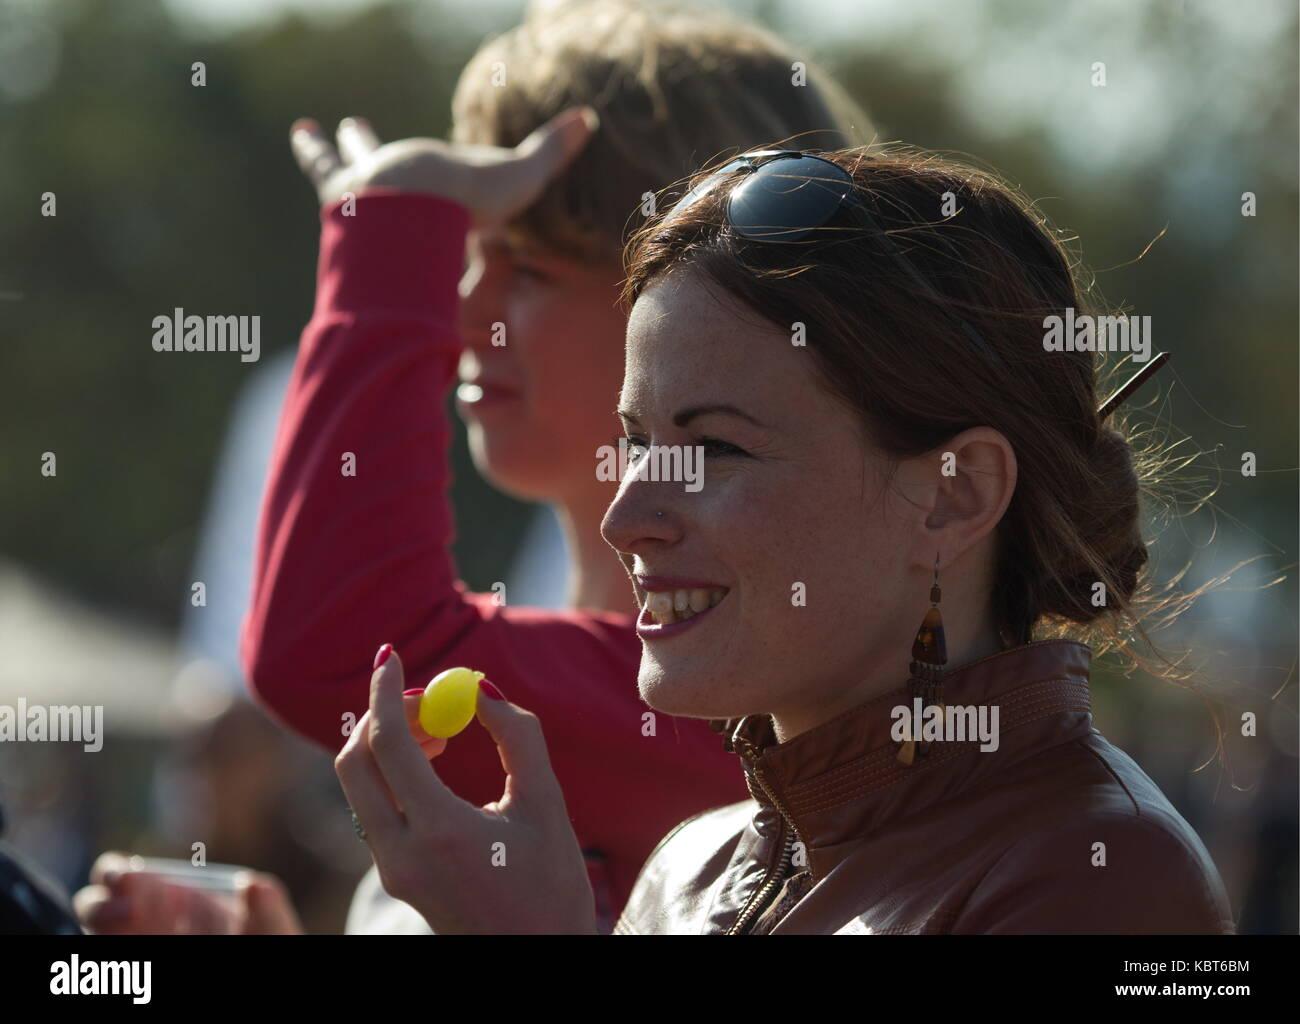 La Crimée, la Russie. 30Th sep 2017. personnes assistent à la winefest la vendange et du vin festival au zolotaya balka winery dans la ville de Balaklava. crédit: Sergei/malgavko tass/Alamy live news Banque D'Images